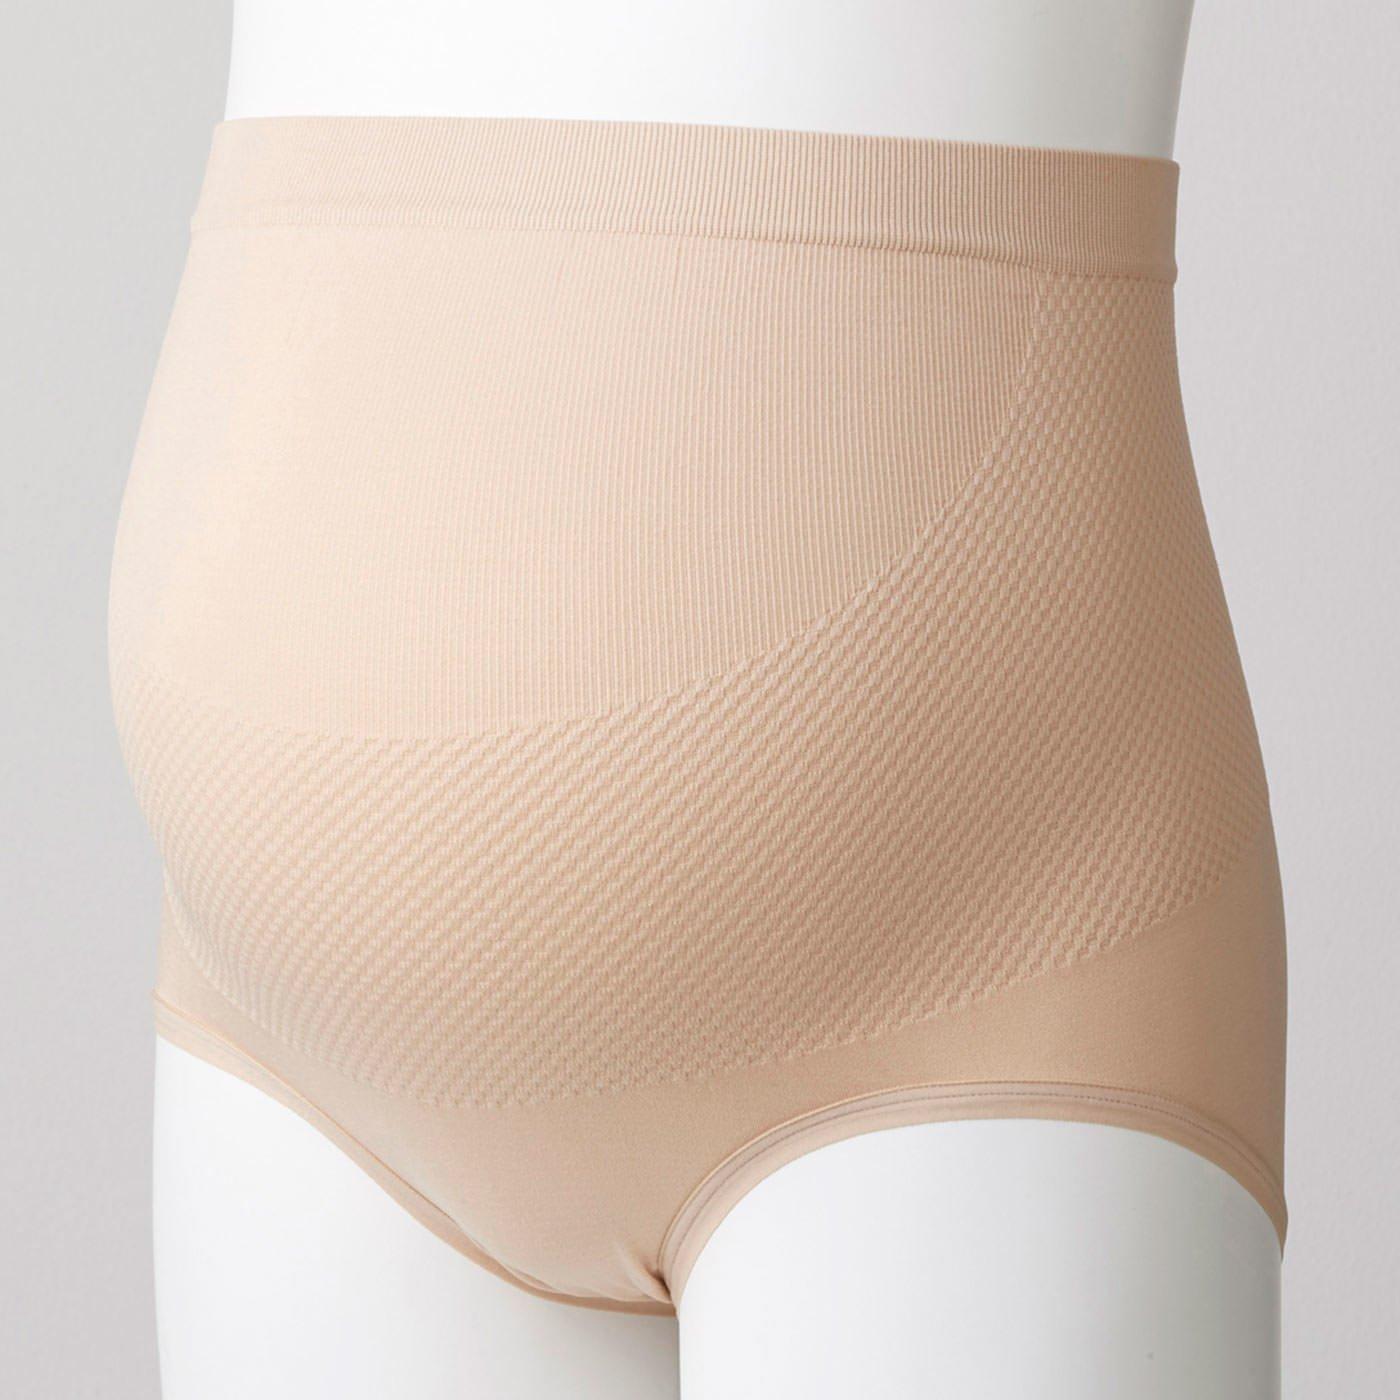 犬印本舗 無縫製 ストレスフリー パンツ 妊婦帯 〈ベージュ〉